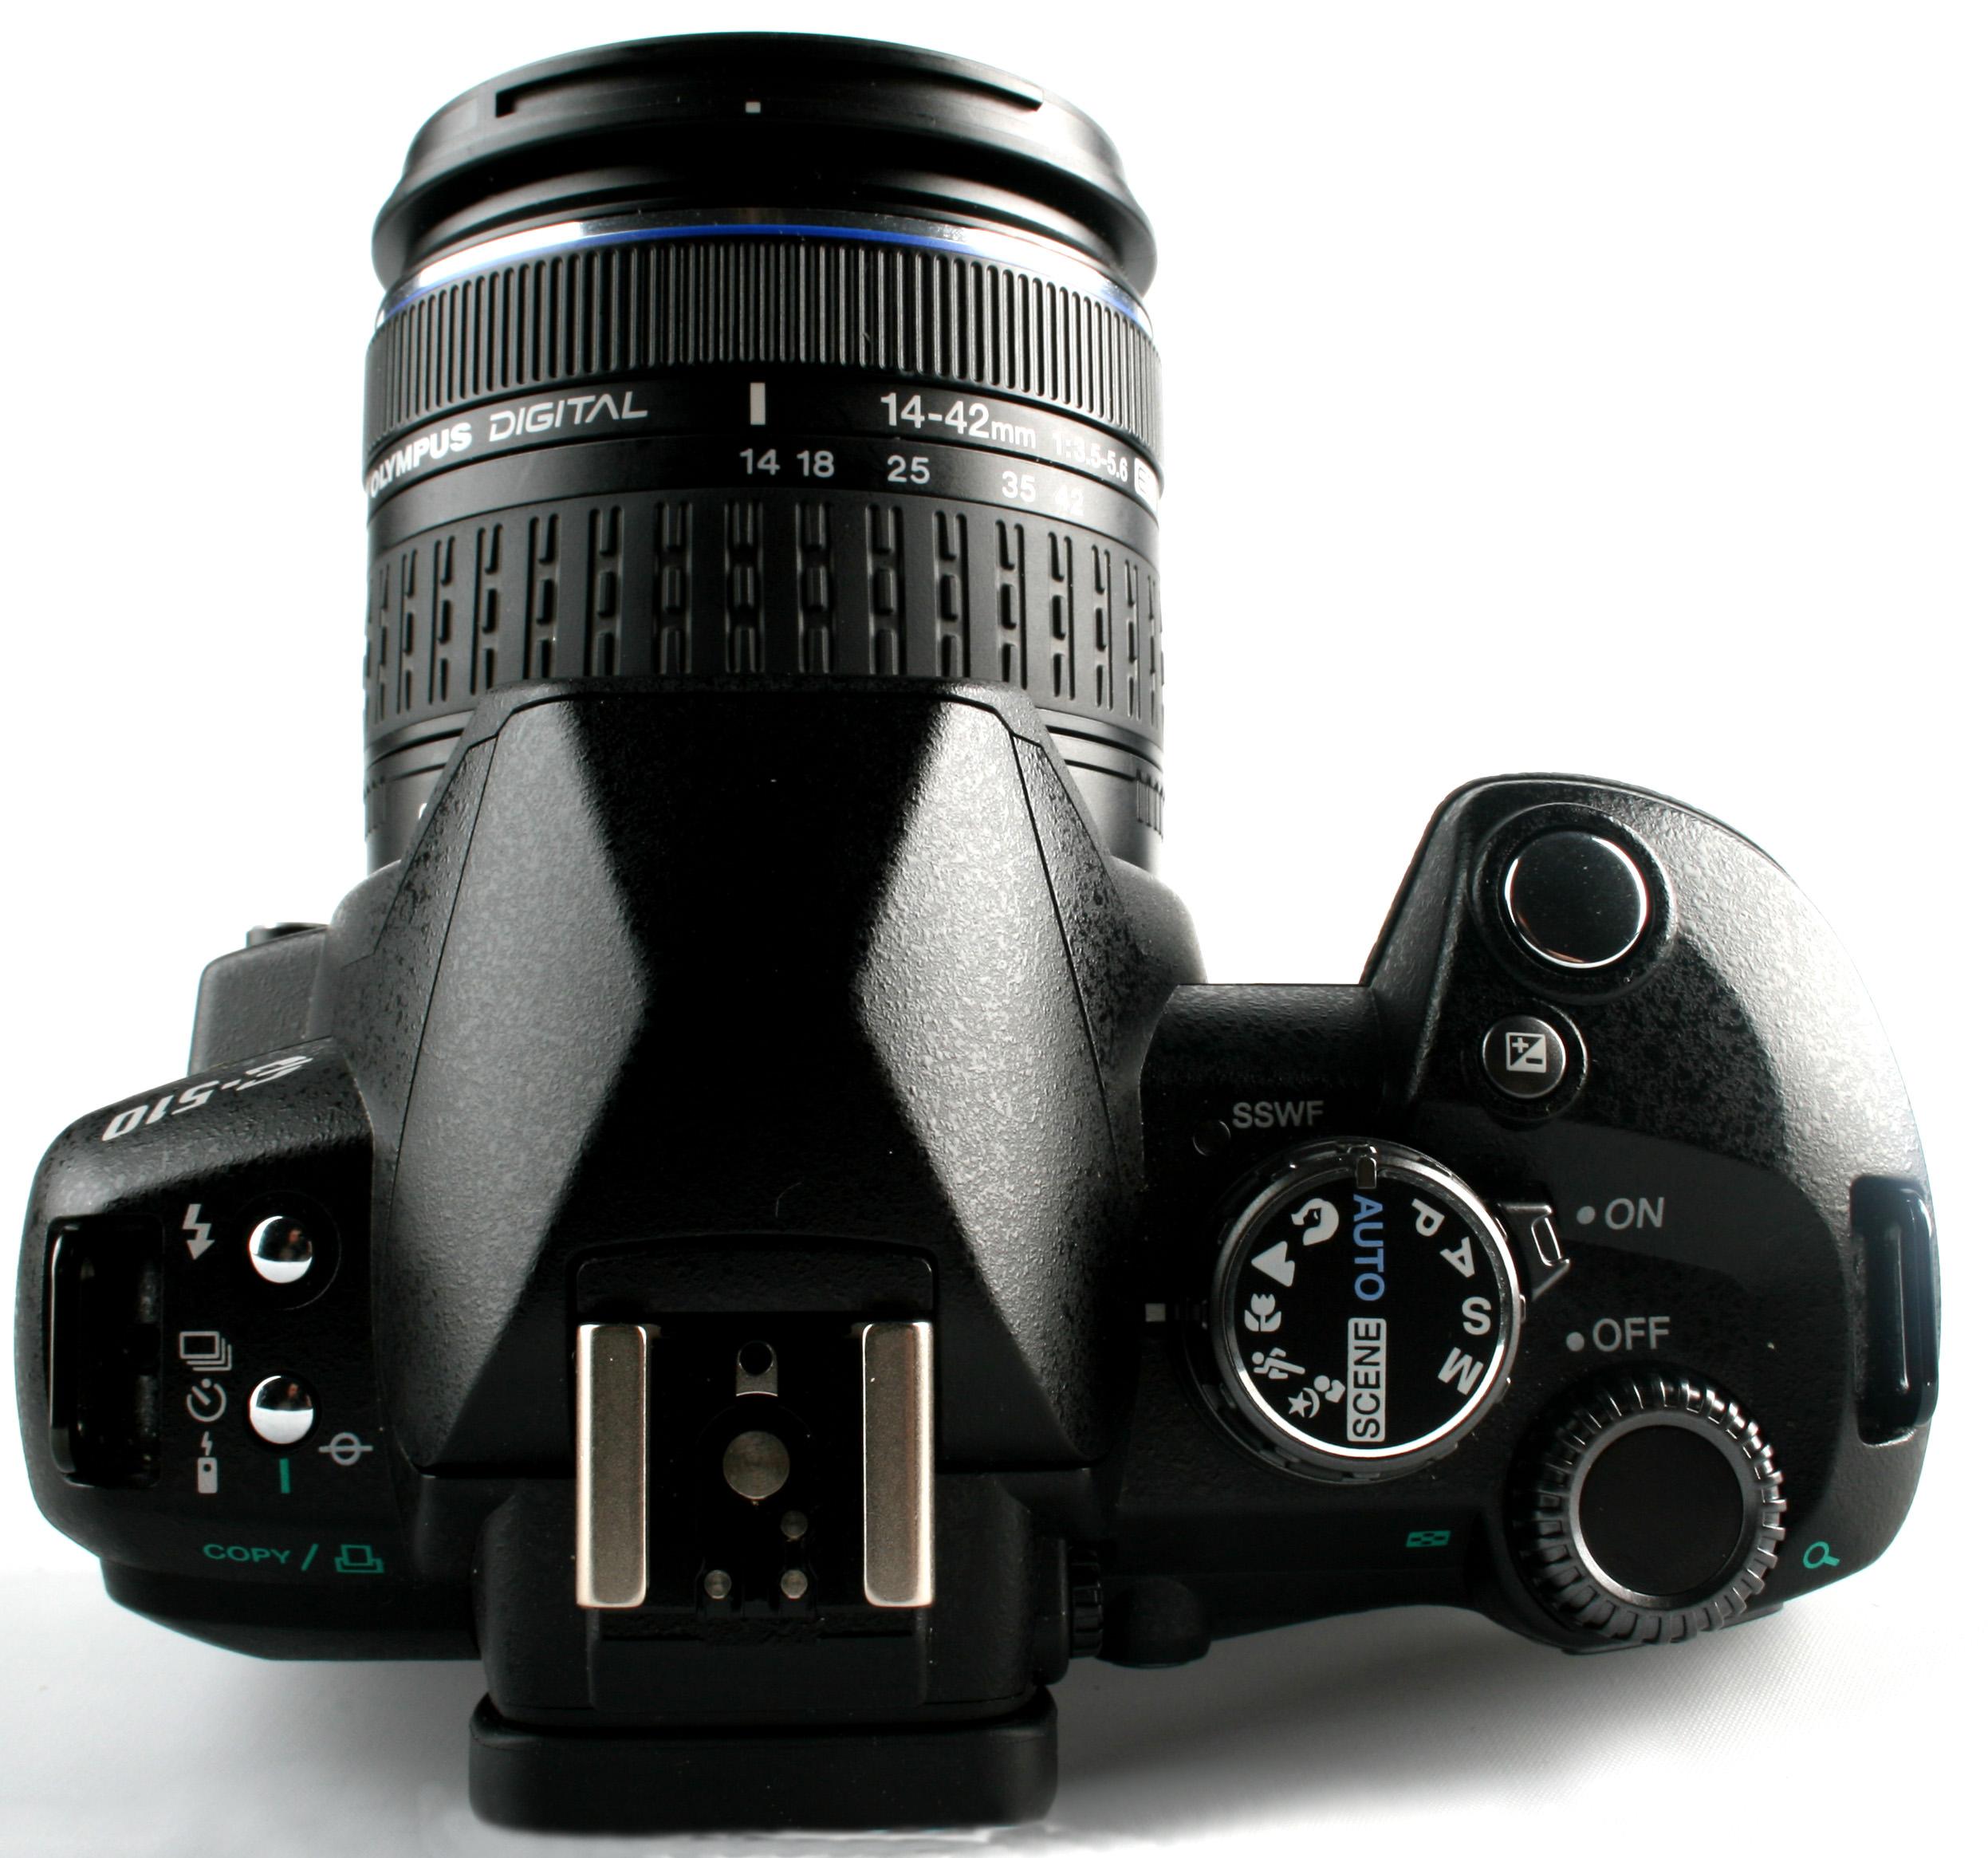 olympus e 510 digital slr review rh ephotozine com olympus e 510 manuel d'utilisation olympus e 510 manual focus